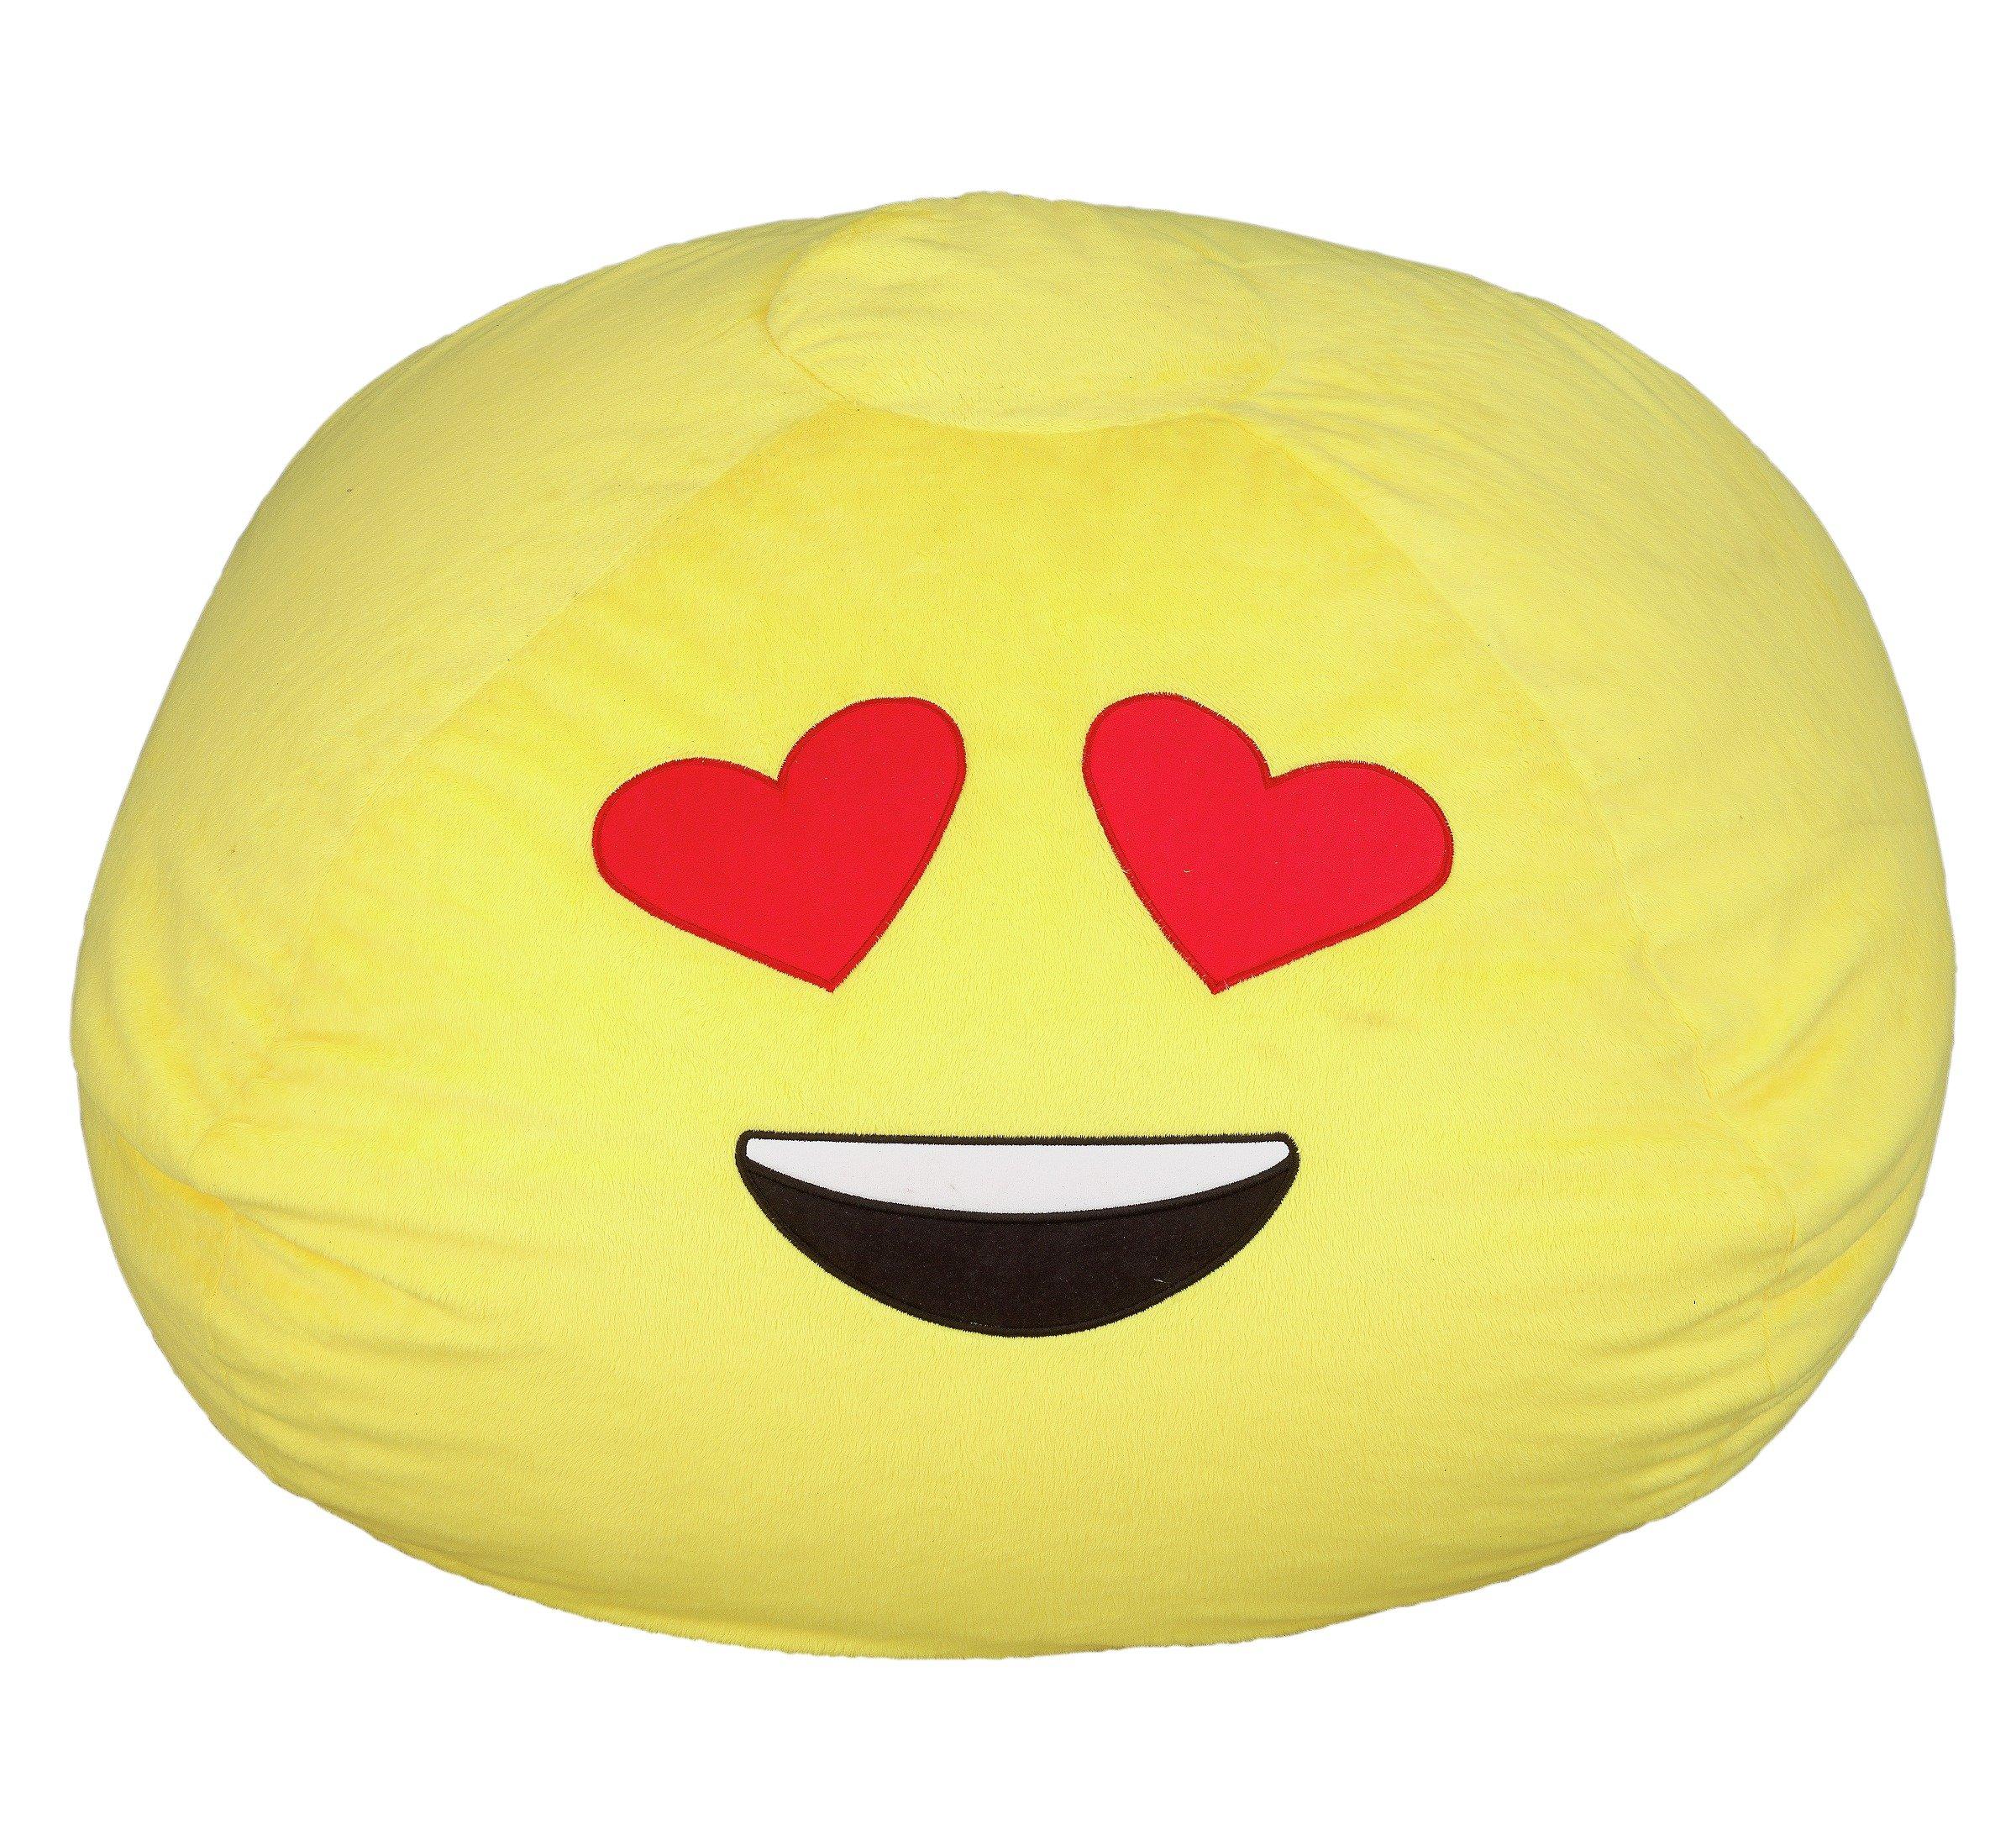 home-gomoji-hearts-beanbag